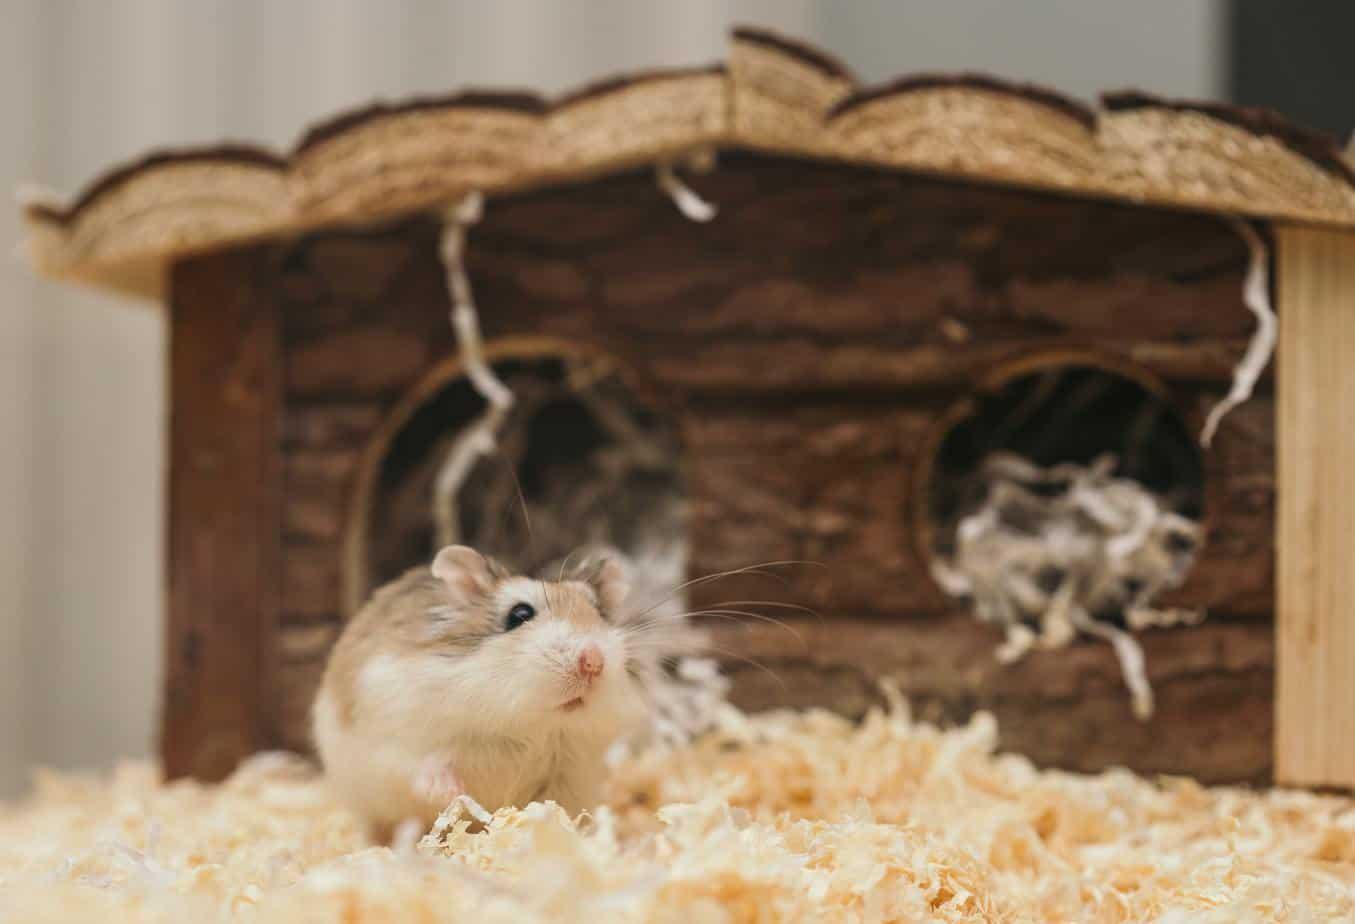 Dwerghamster in hamsterkooi en hooi